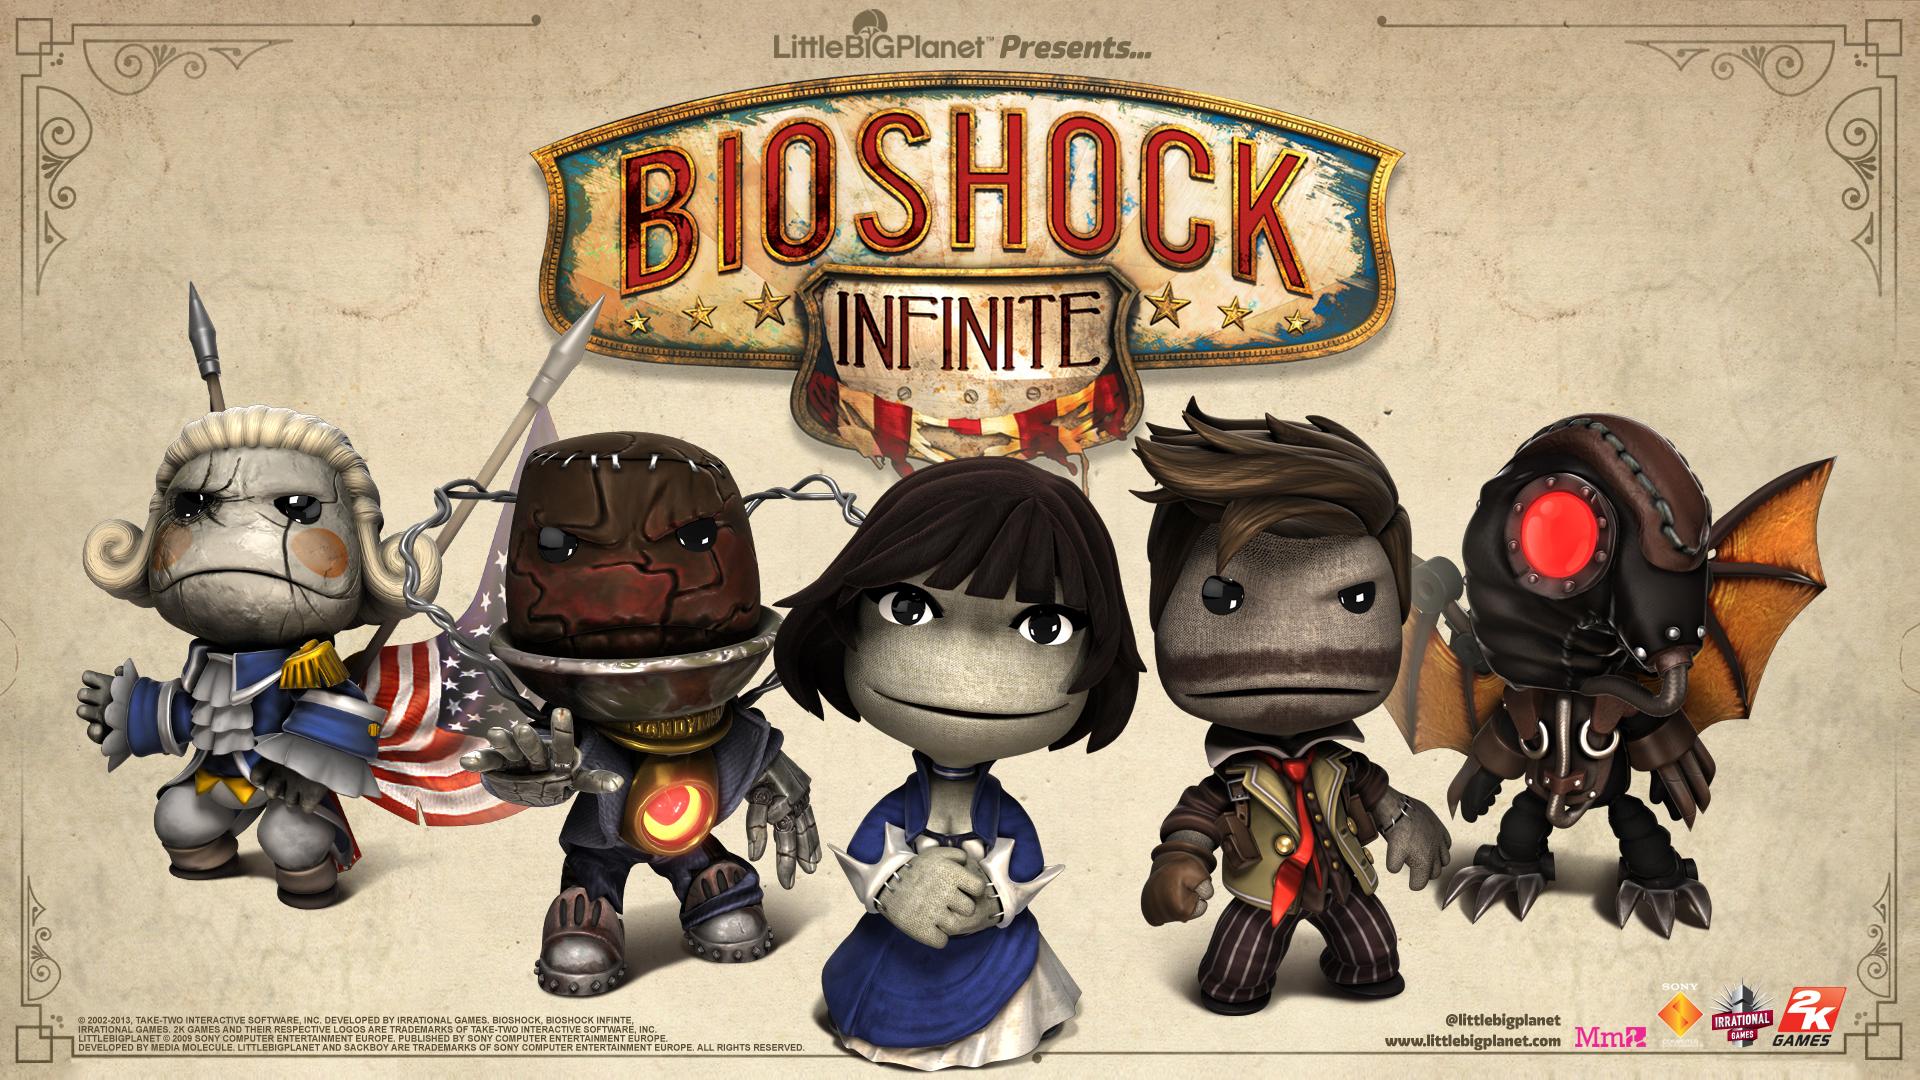 bioshockinfinitelighcbu8y